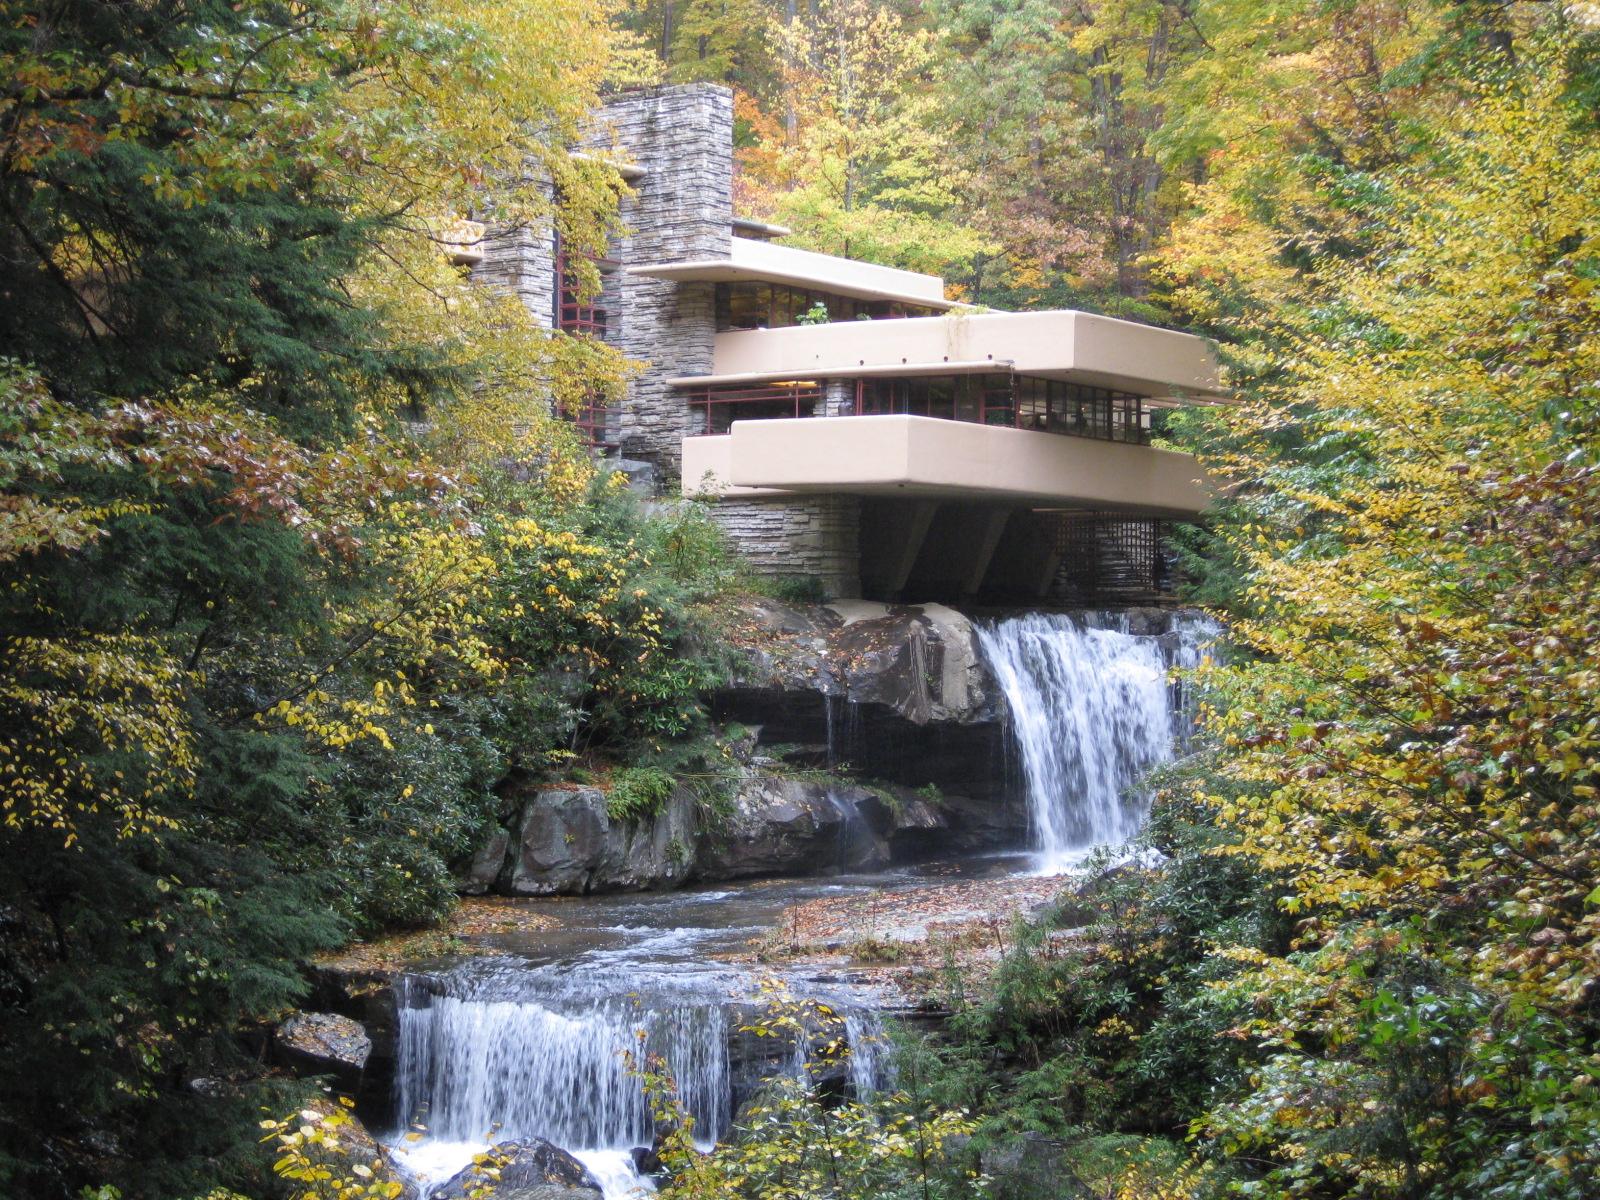 Apre a catania la 22esima edizione di saem tra for Wright la casa sulla cascata